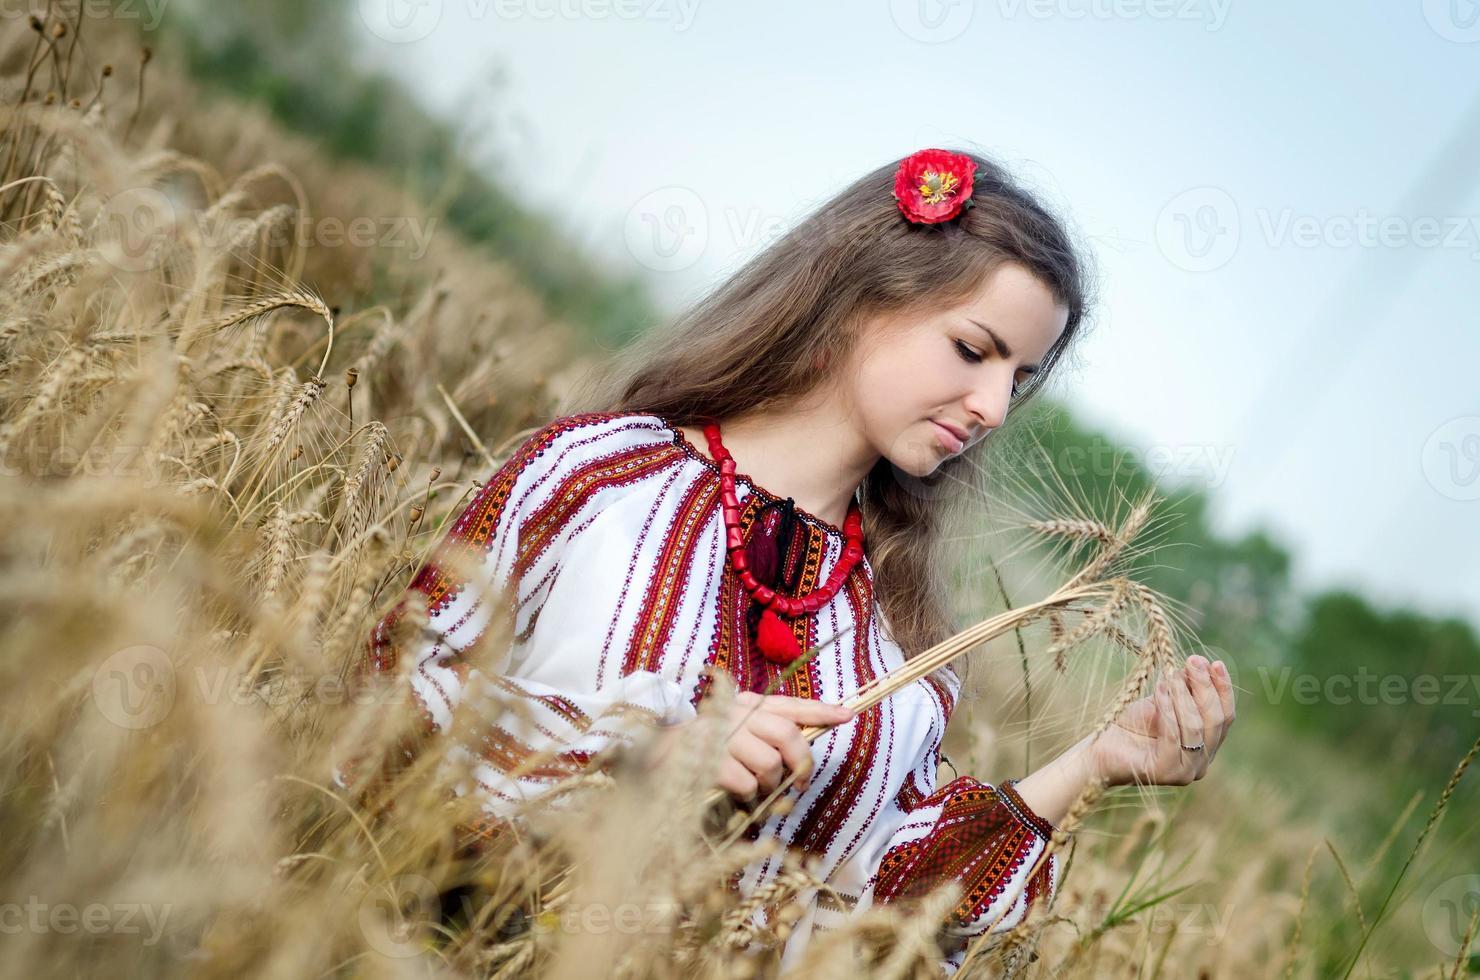 belle fille en tenue nationale ukrainienne. champ de blé photo